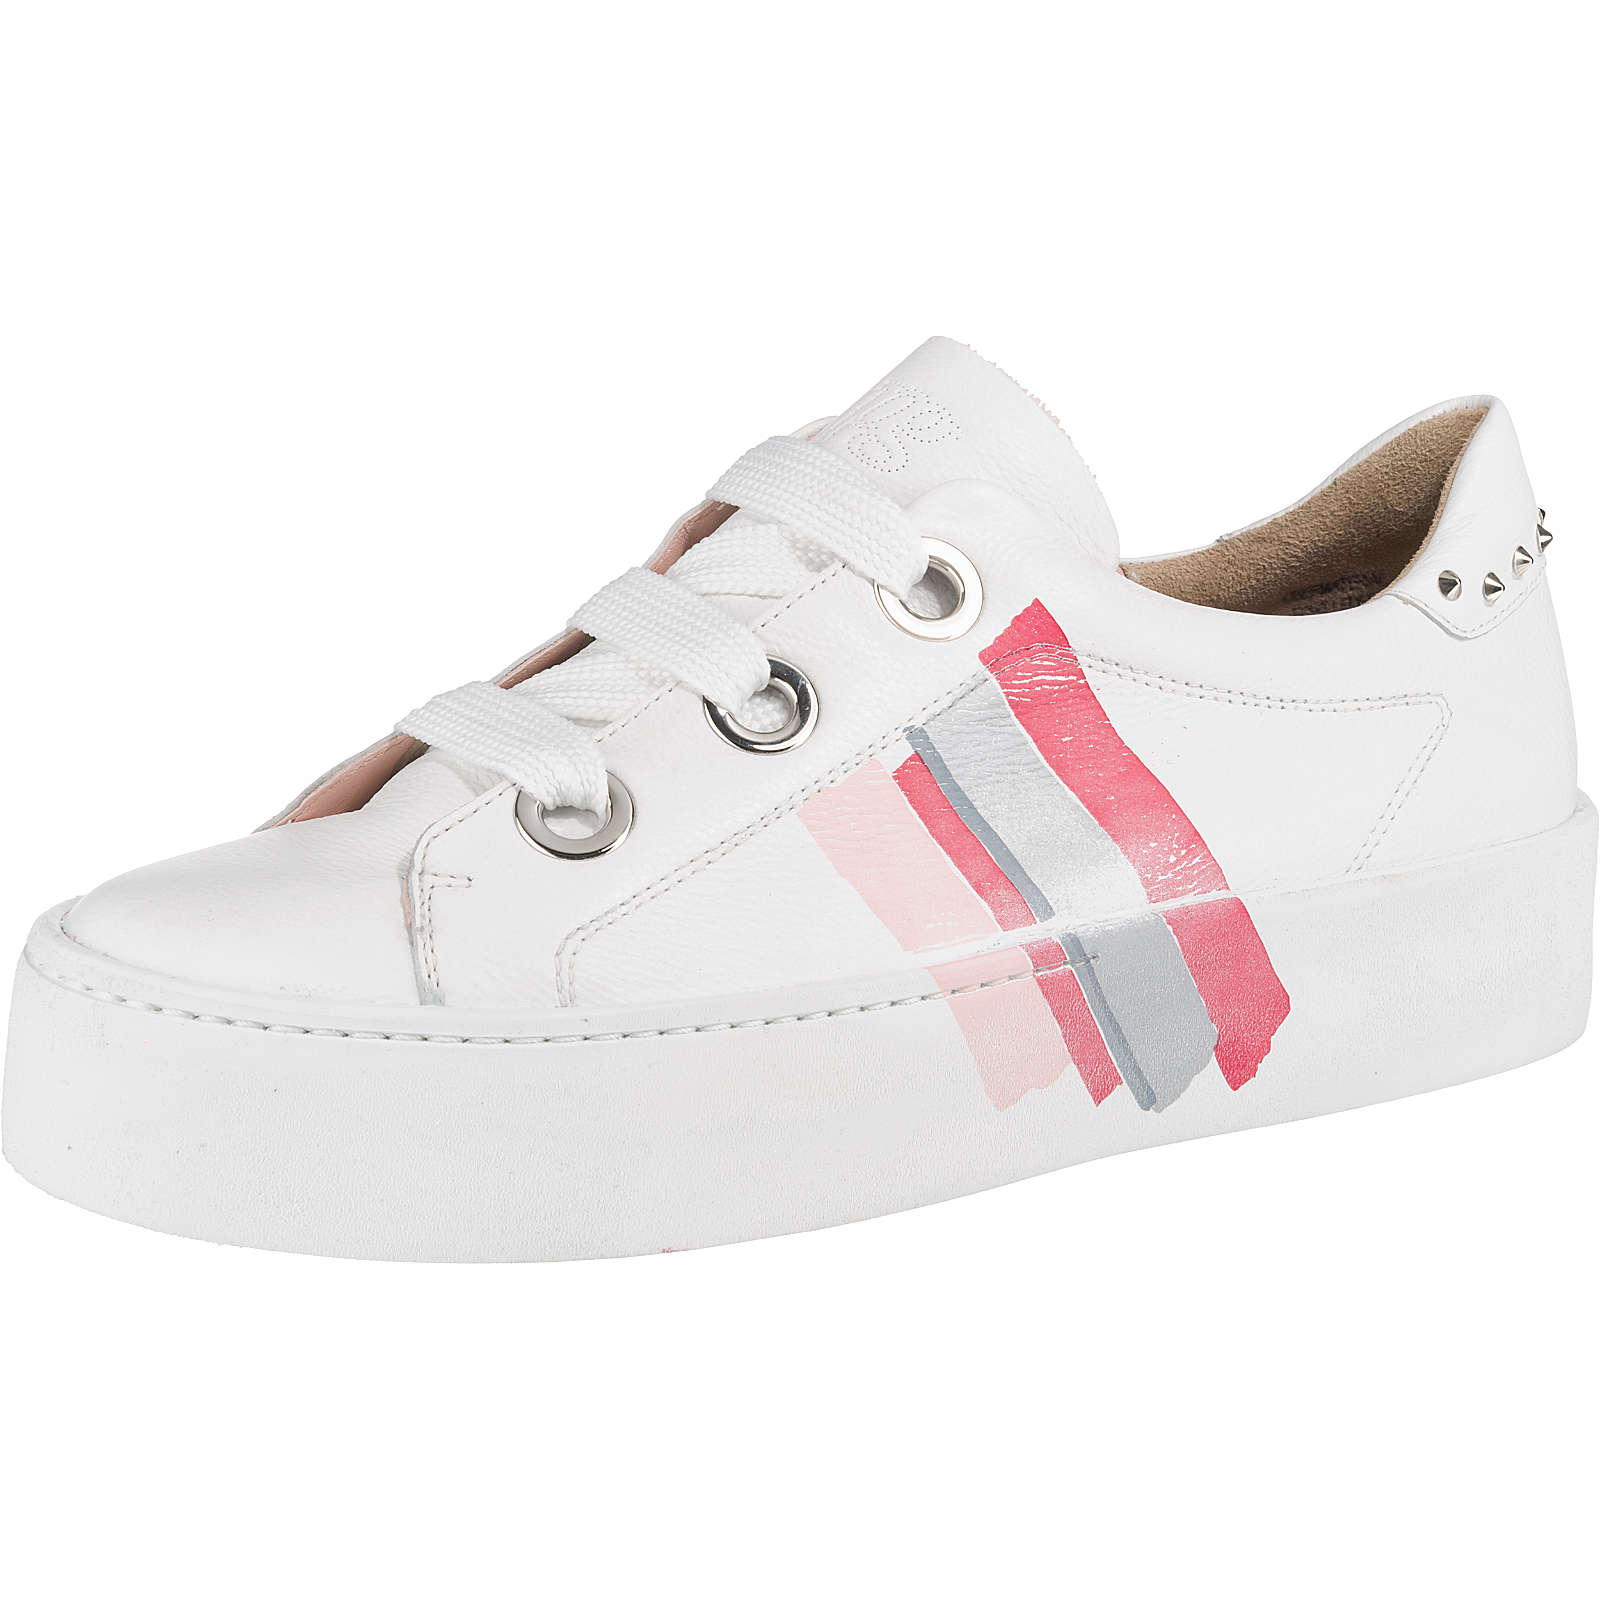 Paul Green Sneakers Low weiß Damen Gr. 41